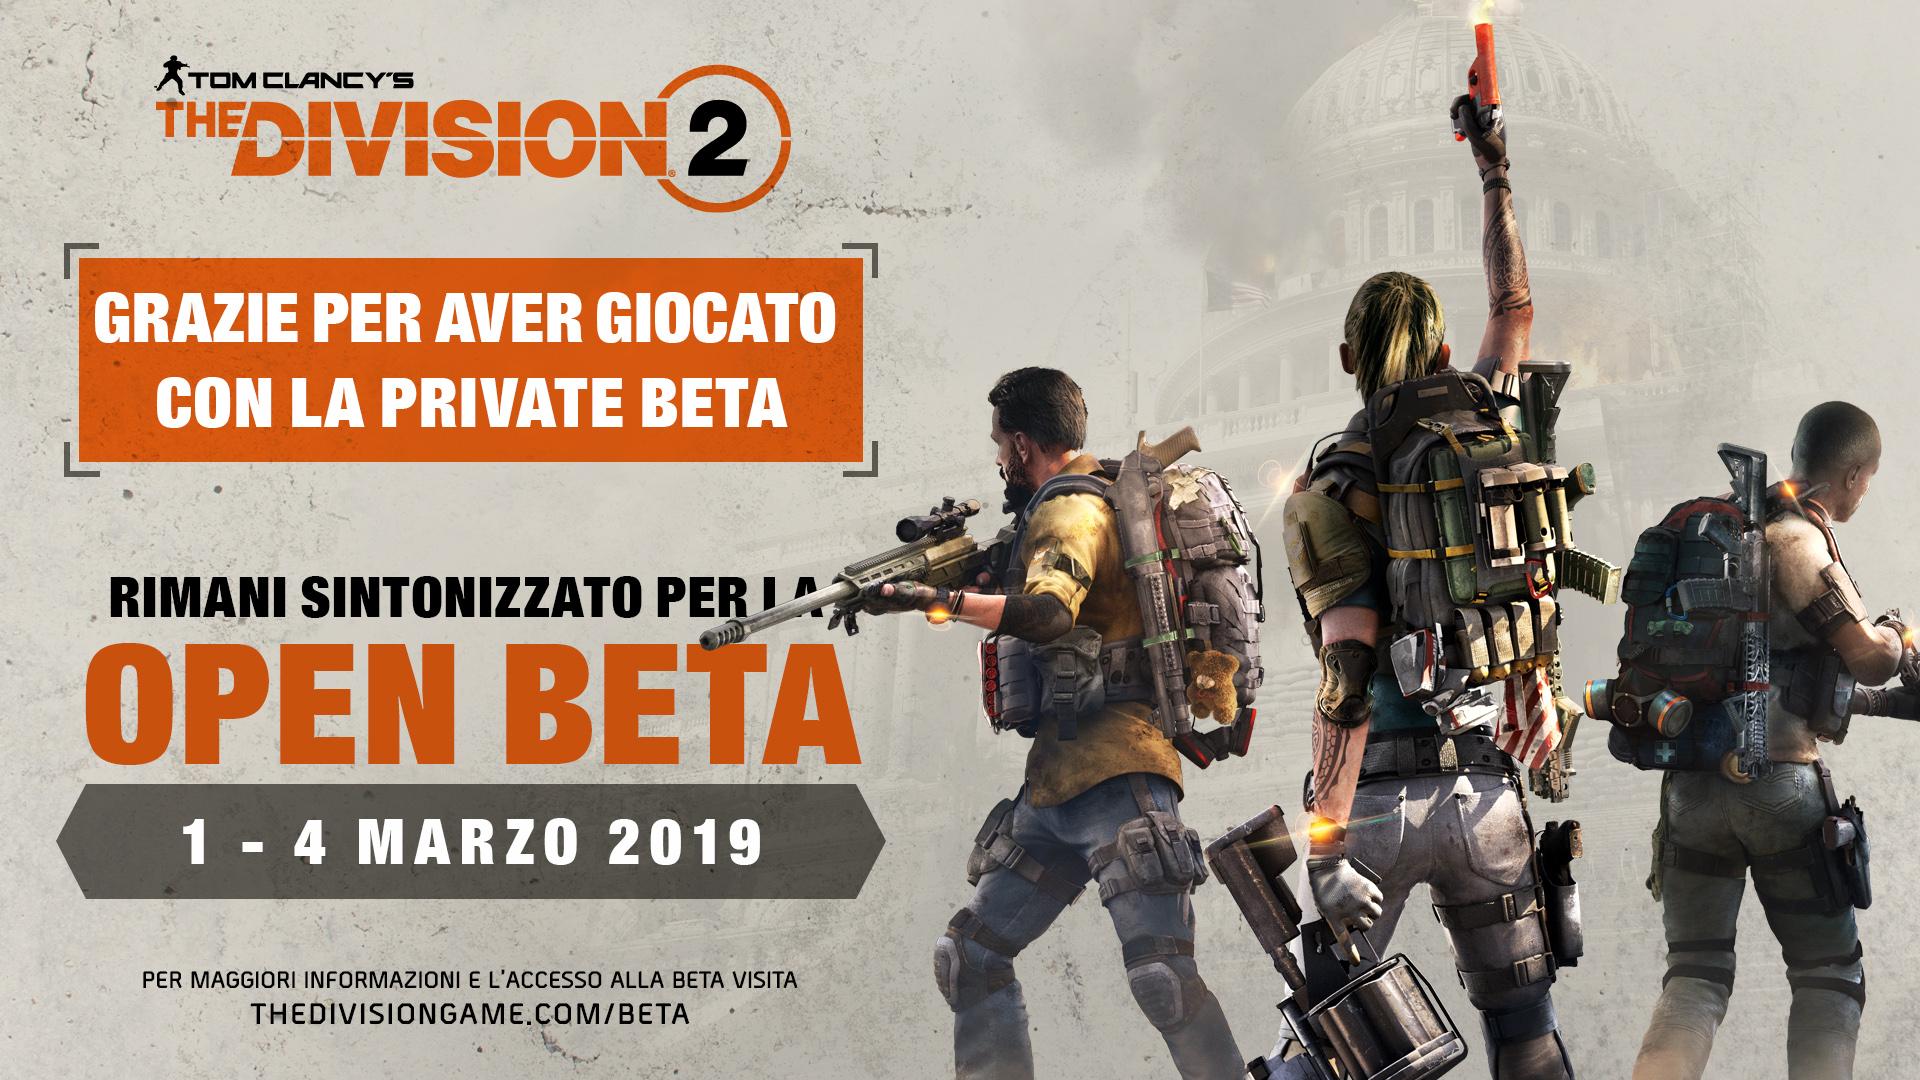 Tom Clancy's The Division 2: la Open Beta avrà inizio l'1 marzo thumbnail